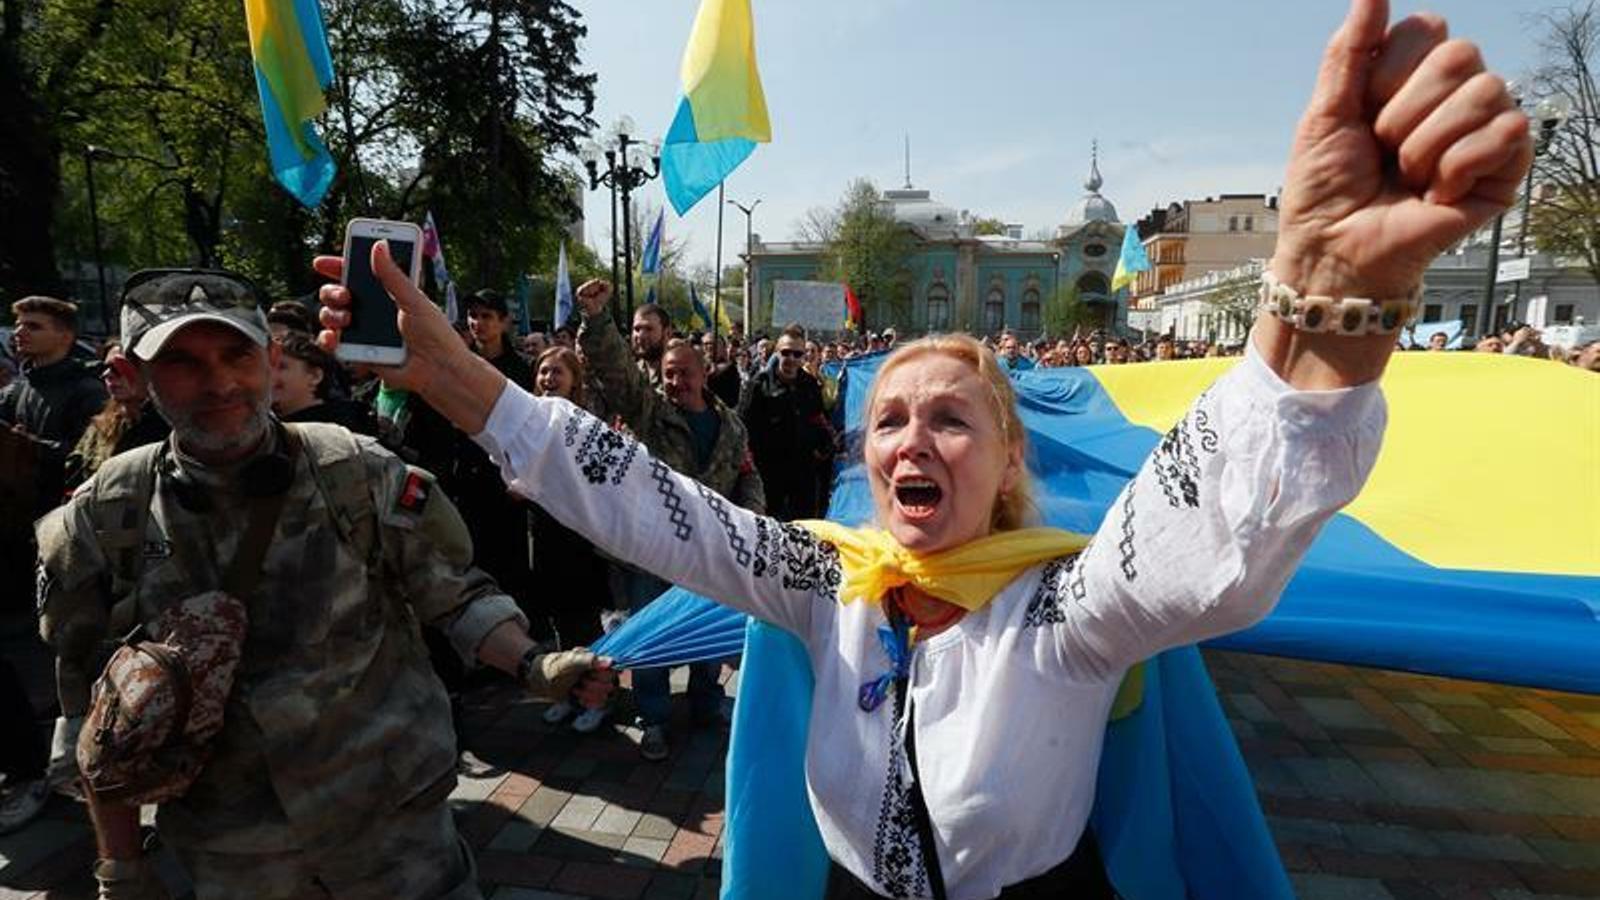 Ucraïna eleva la tensió amb Rússia en proclamar l'ucraïnès llengua única a l'espai públic